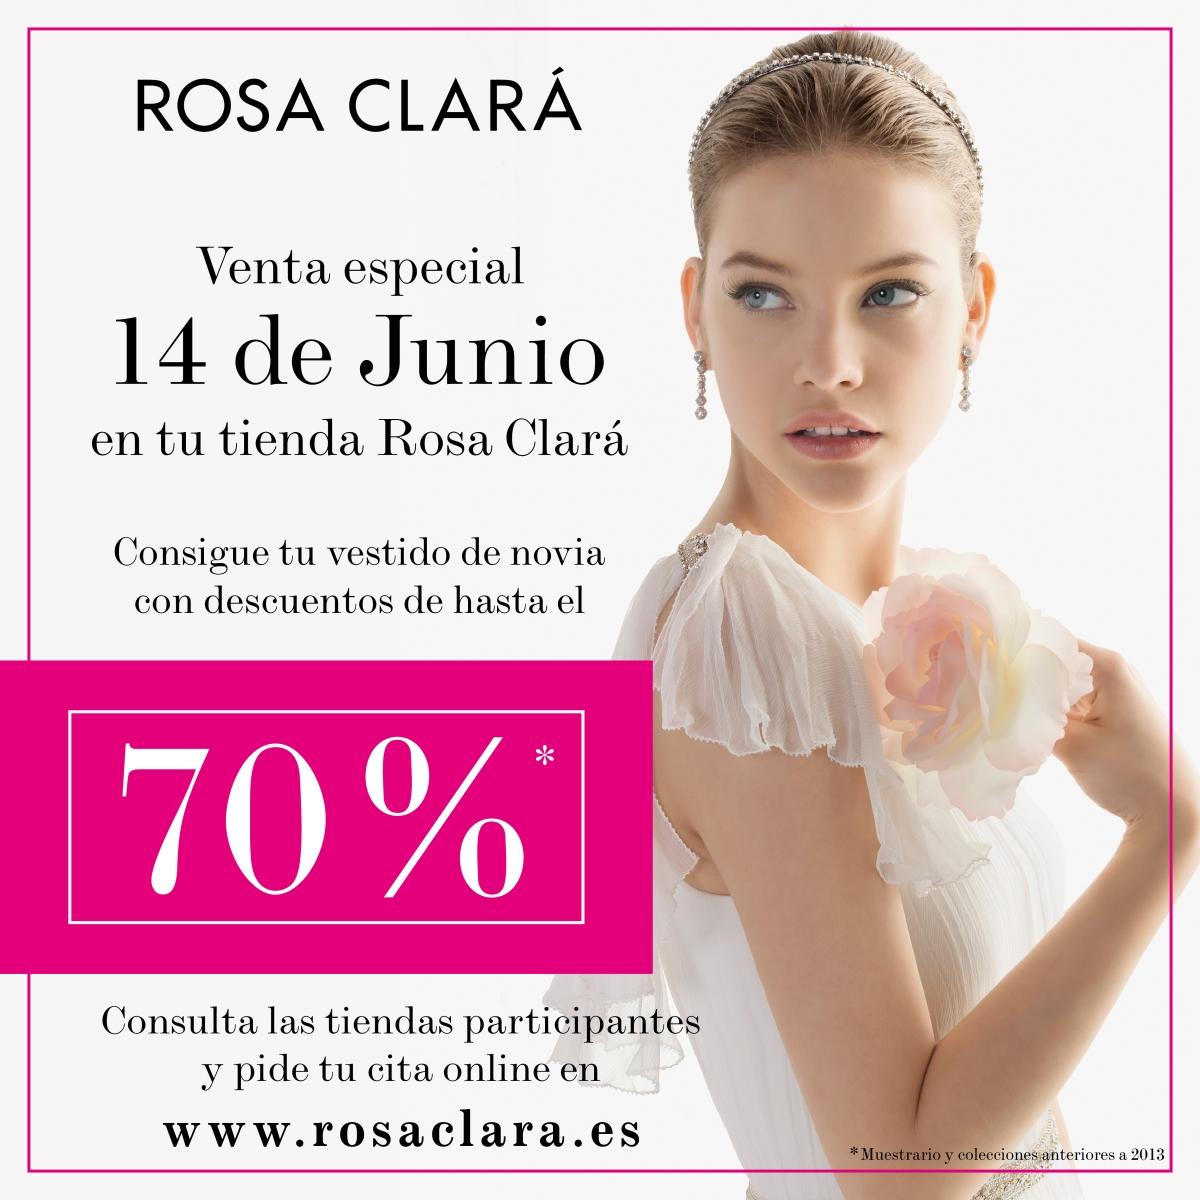 Venta especial Rosa Clará hasta 70% dto –